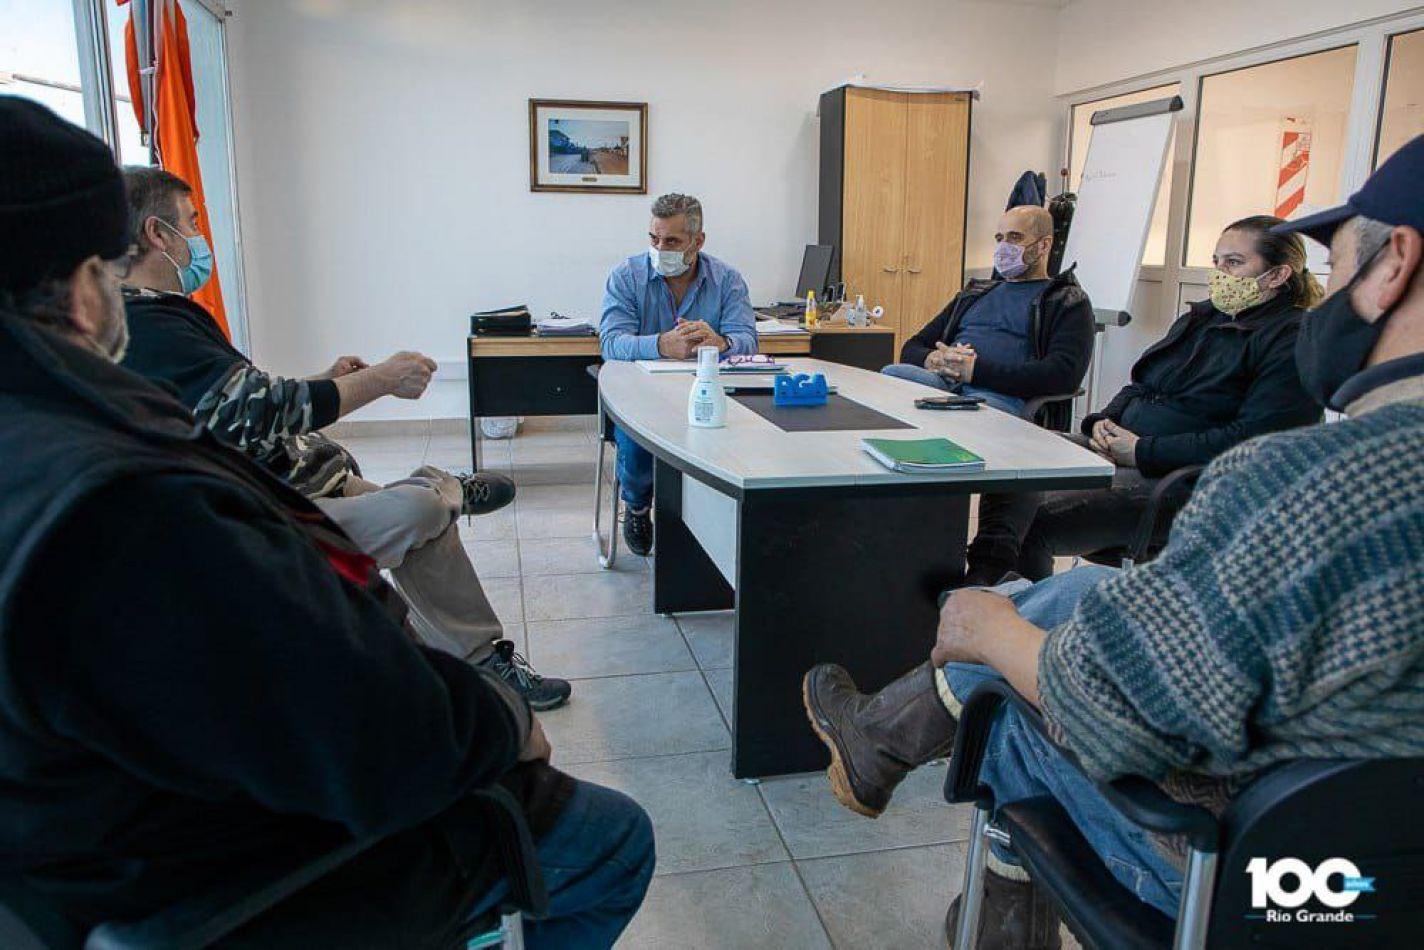 El secretario de Desarrollo Económico y Ambiente, Matías Lapadula, mantuvo un encuentro con pequeños productores locales.